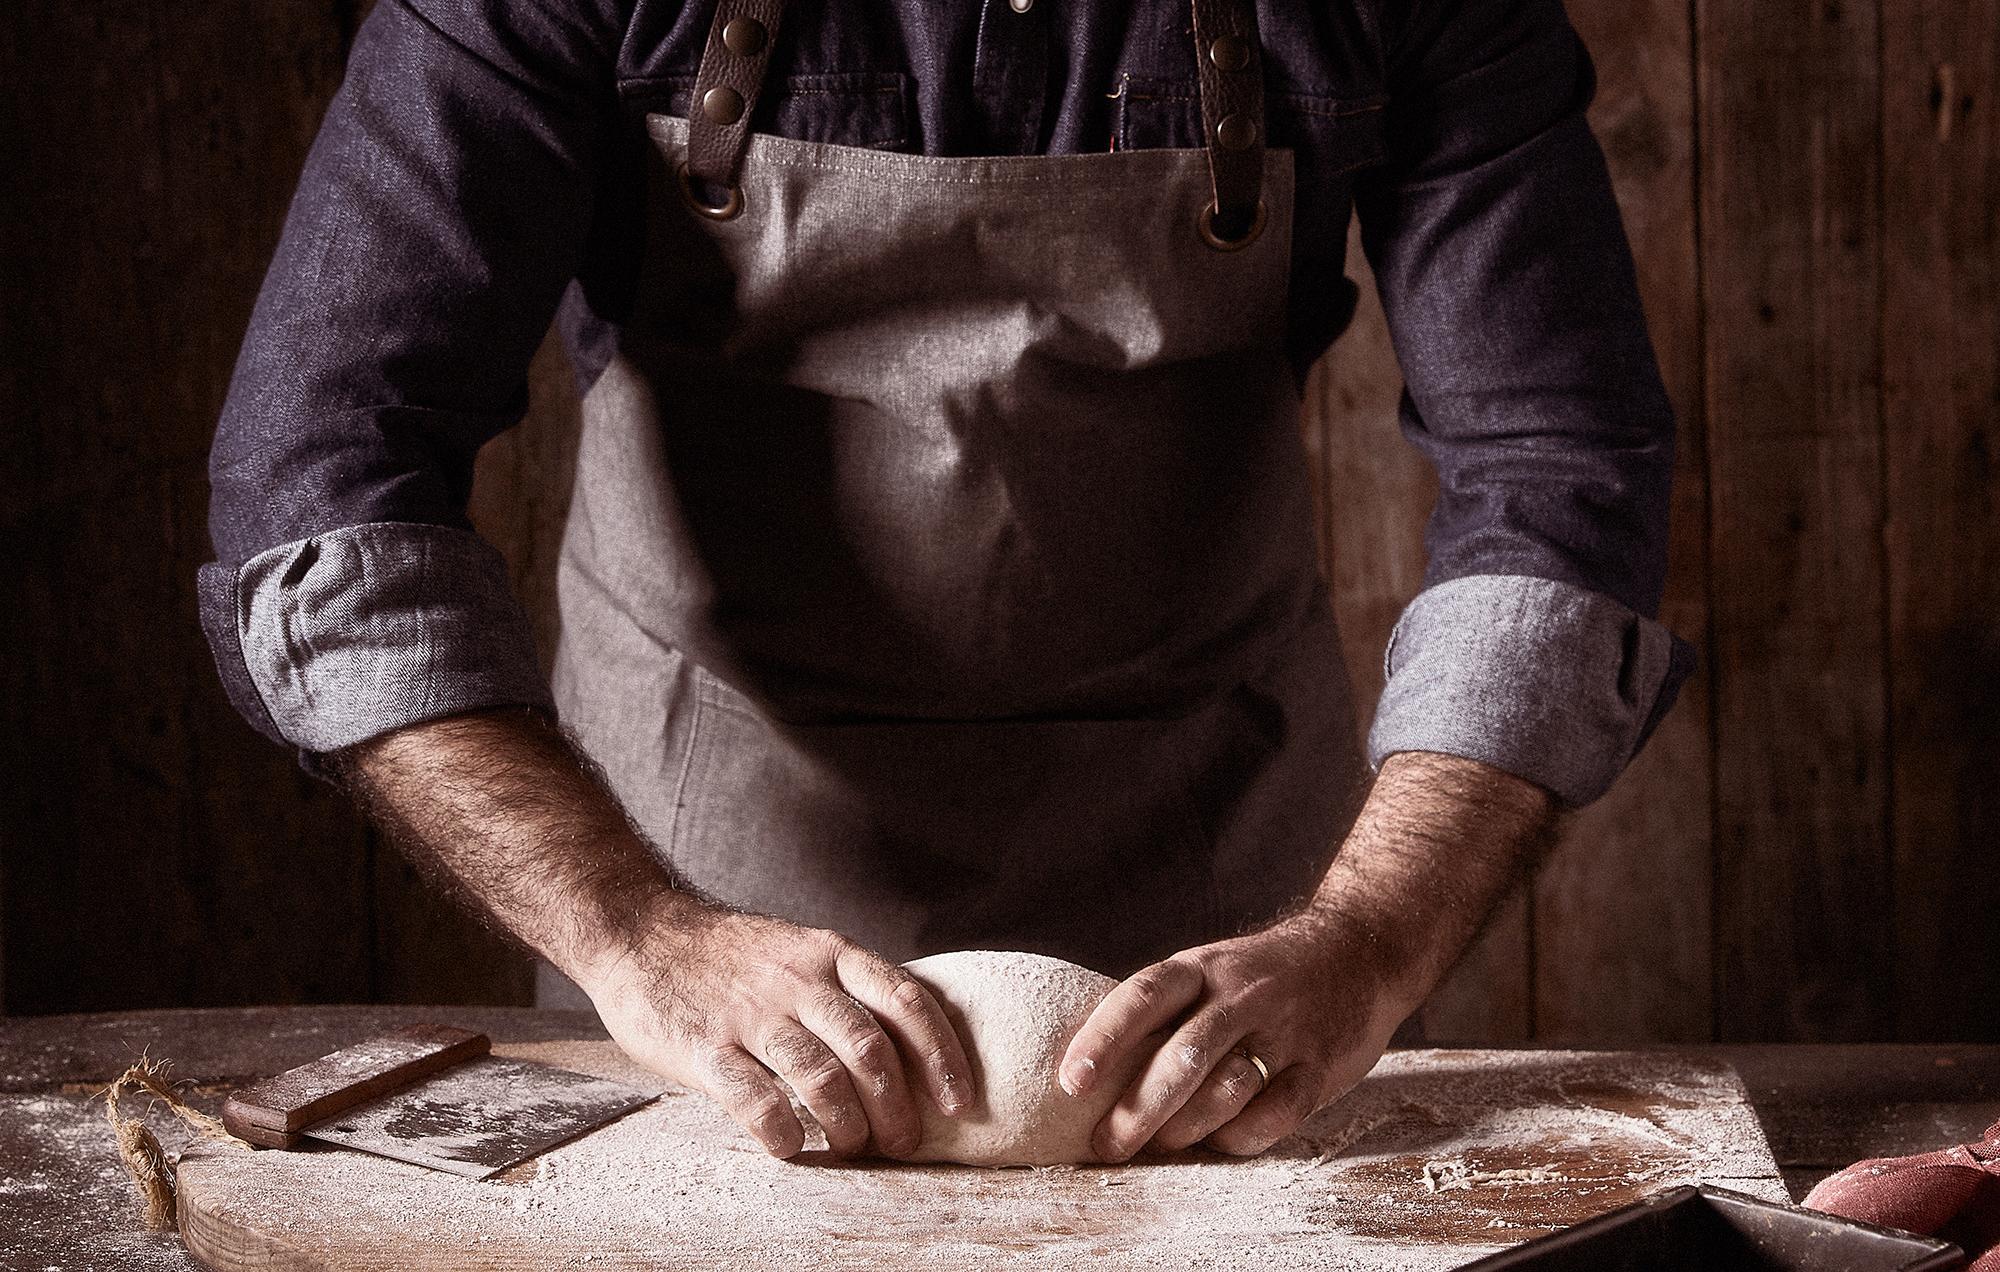 Meter as mãos na massa: um guia de como fazer pão caseiro